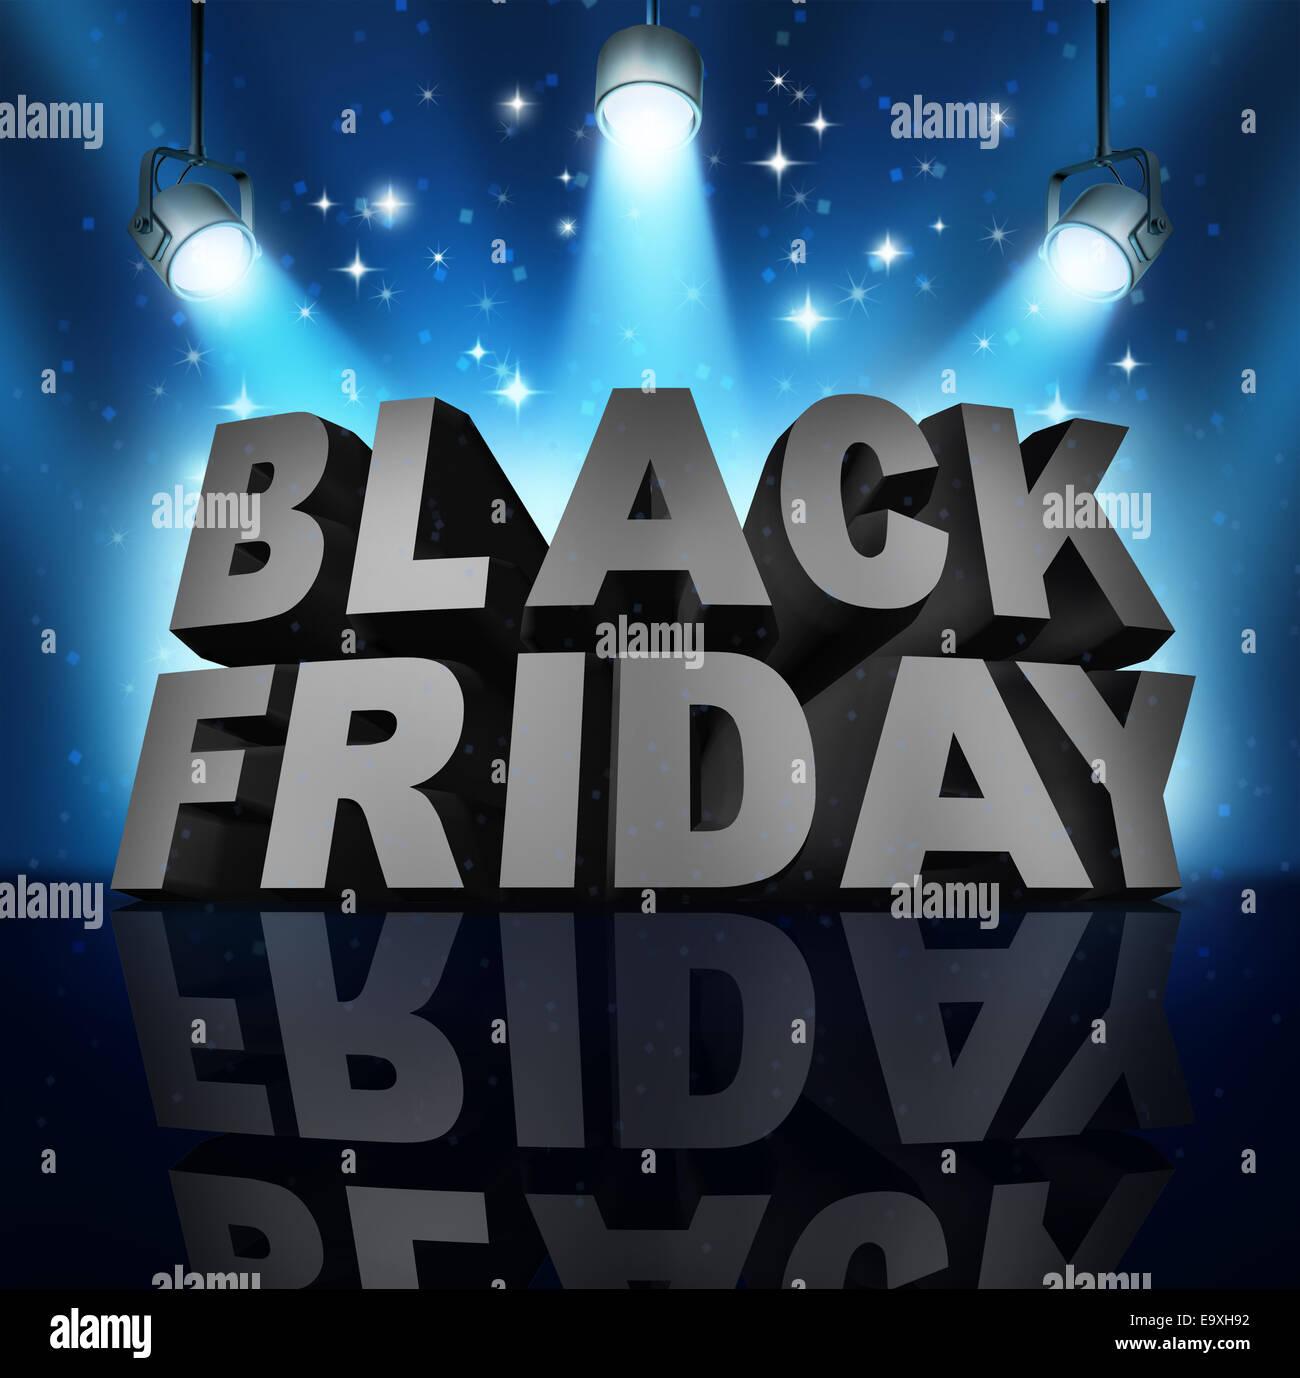 Le vendredi noir vente banner signe en tant que texte en trois dimensions sur une scène avec projecteurs et Photo Stock